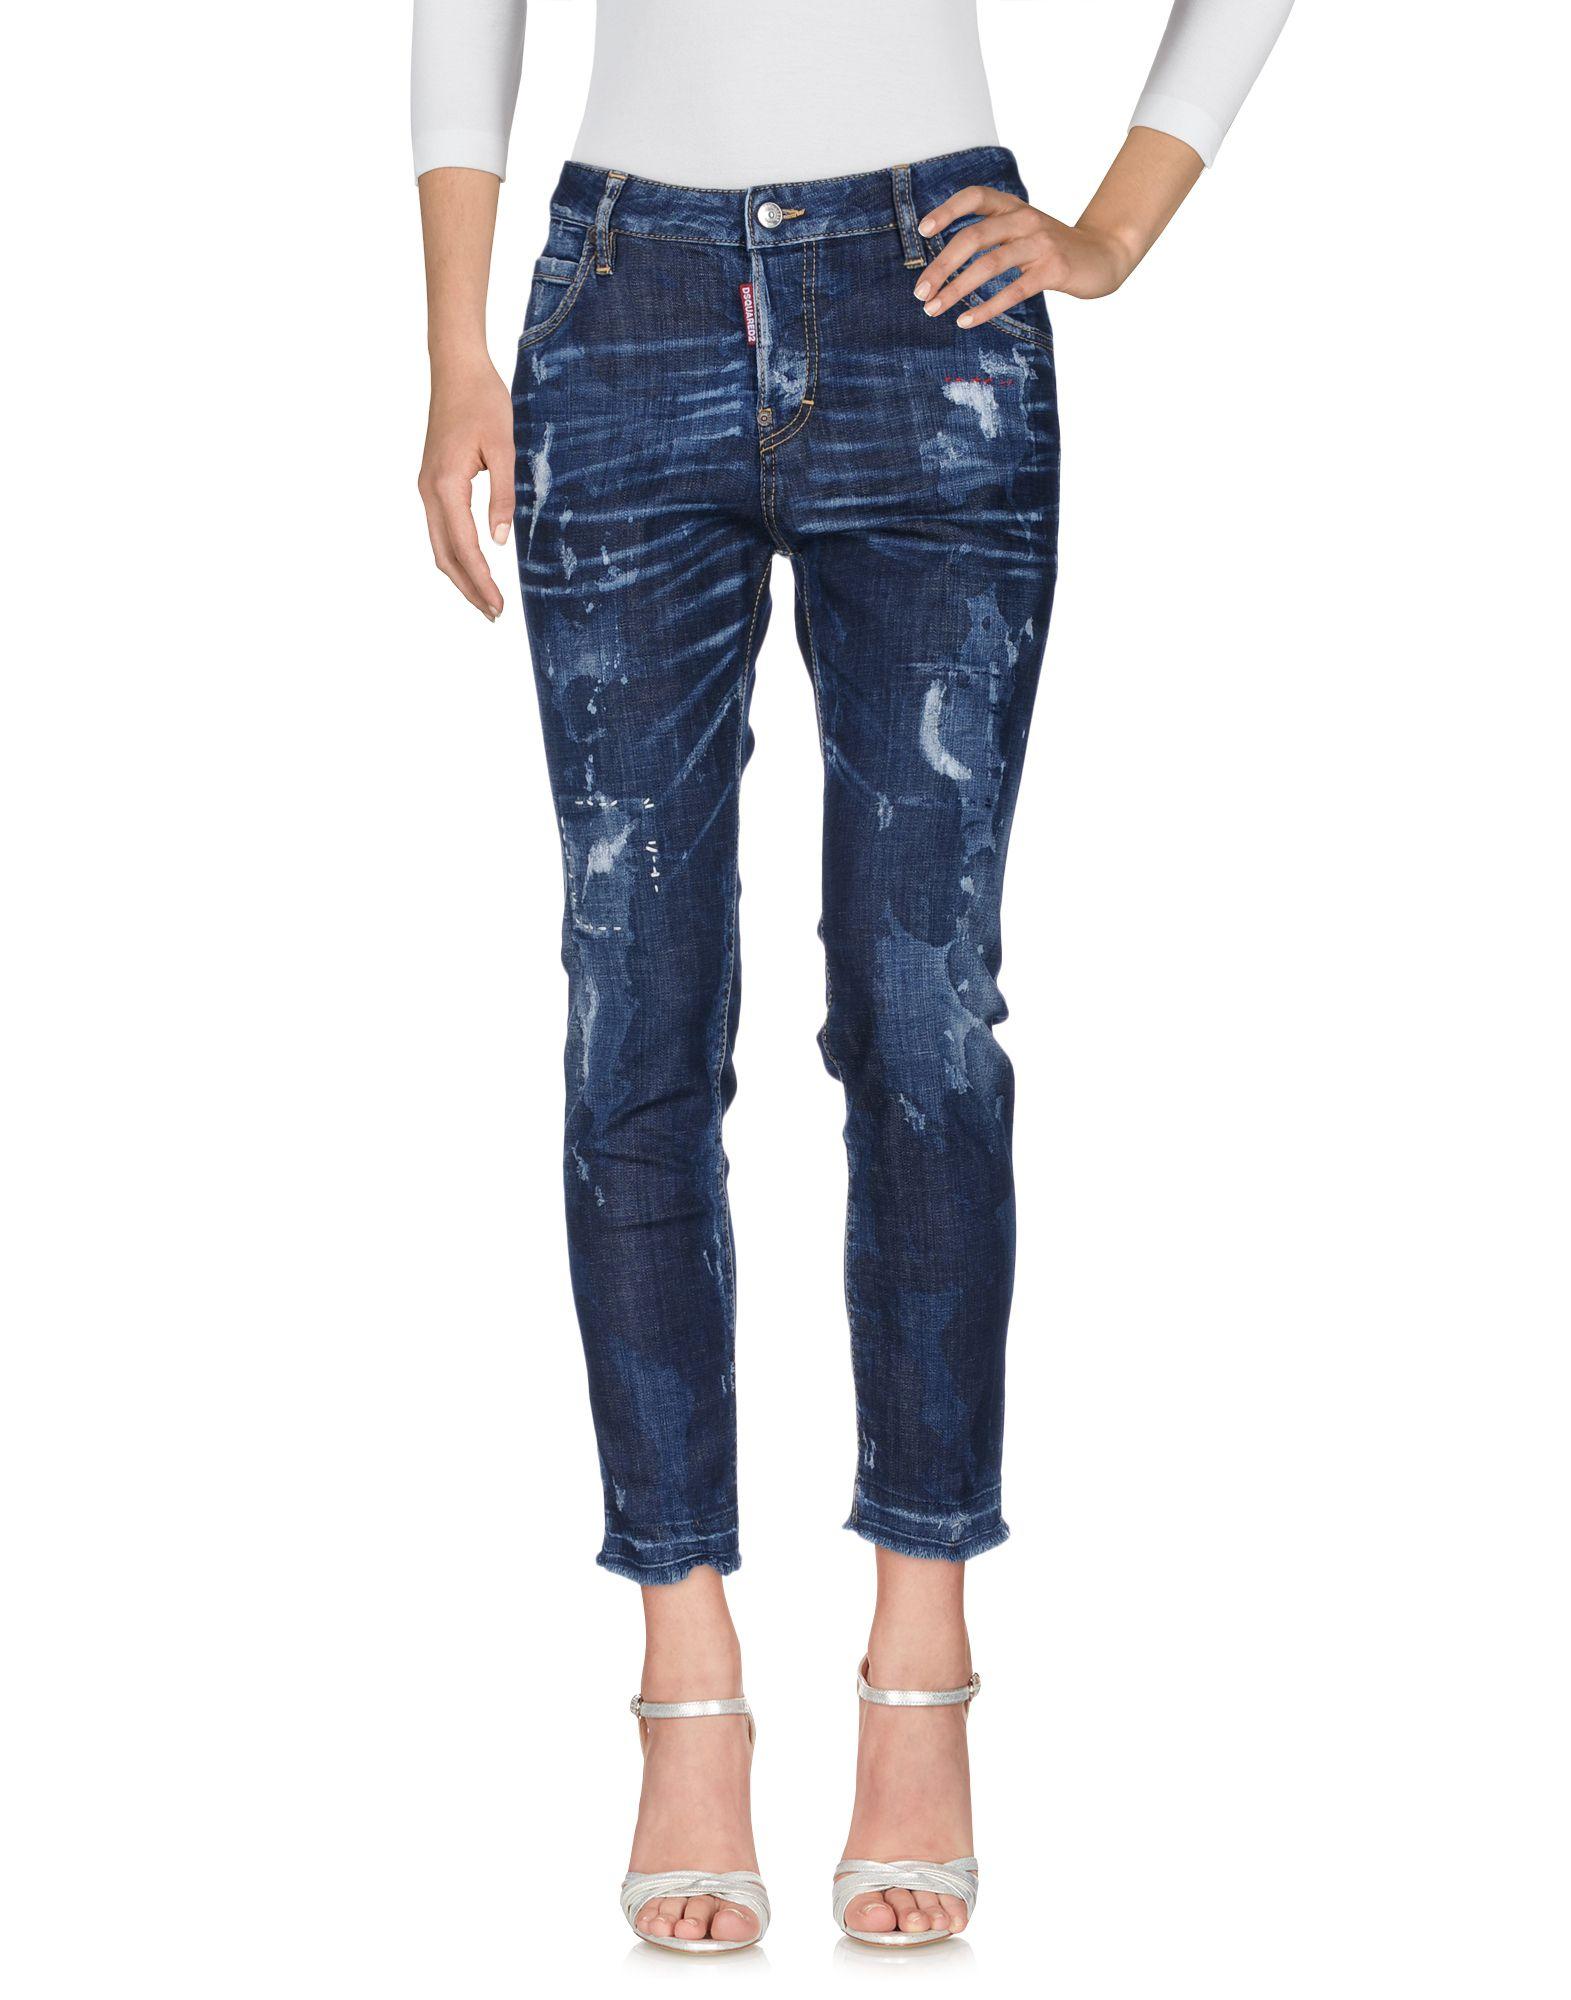 DSQUARED2 Damen Jeanshose3 blau